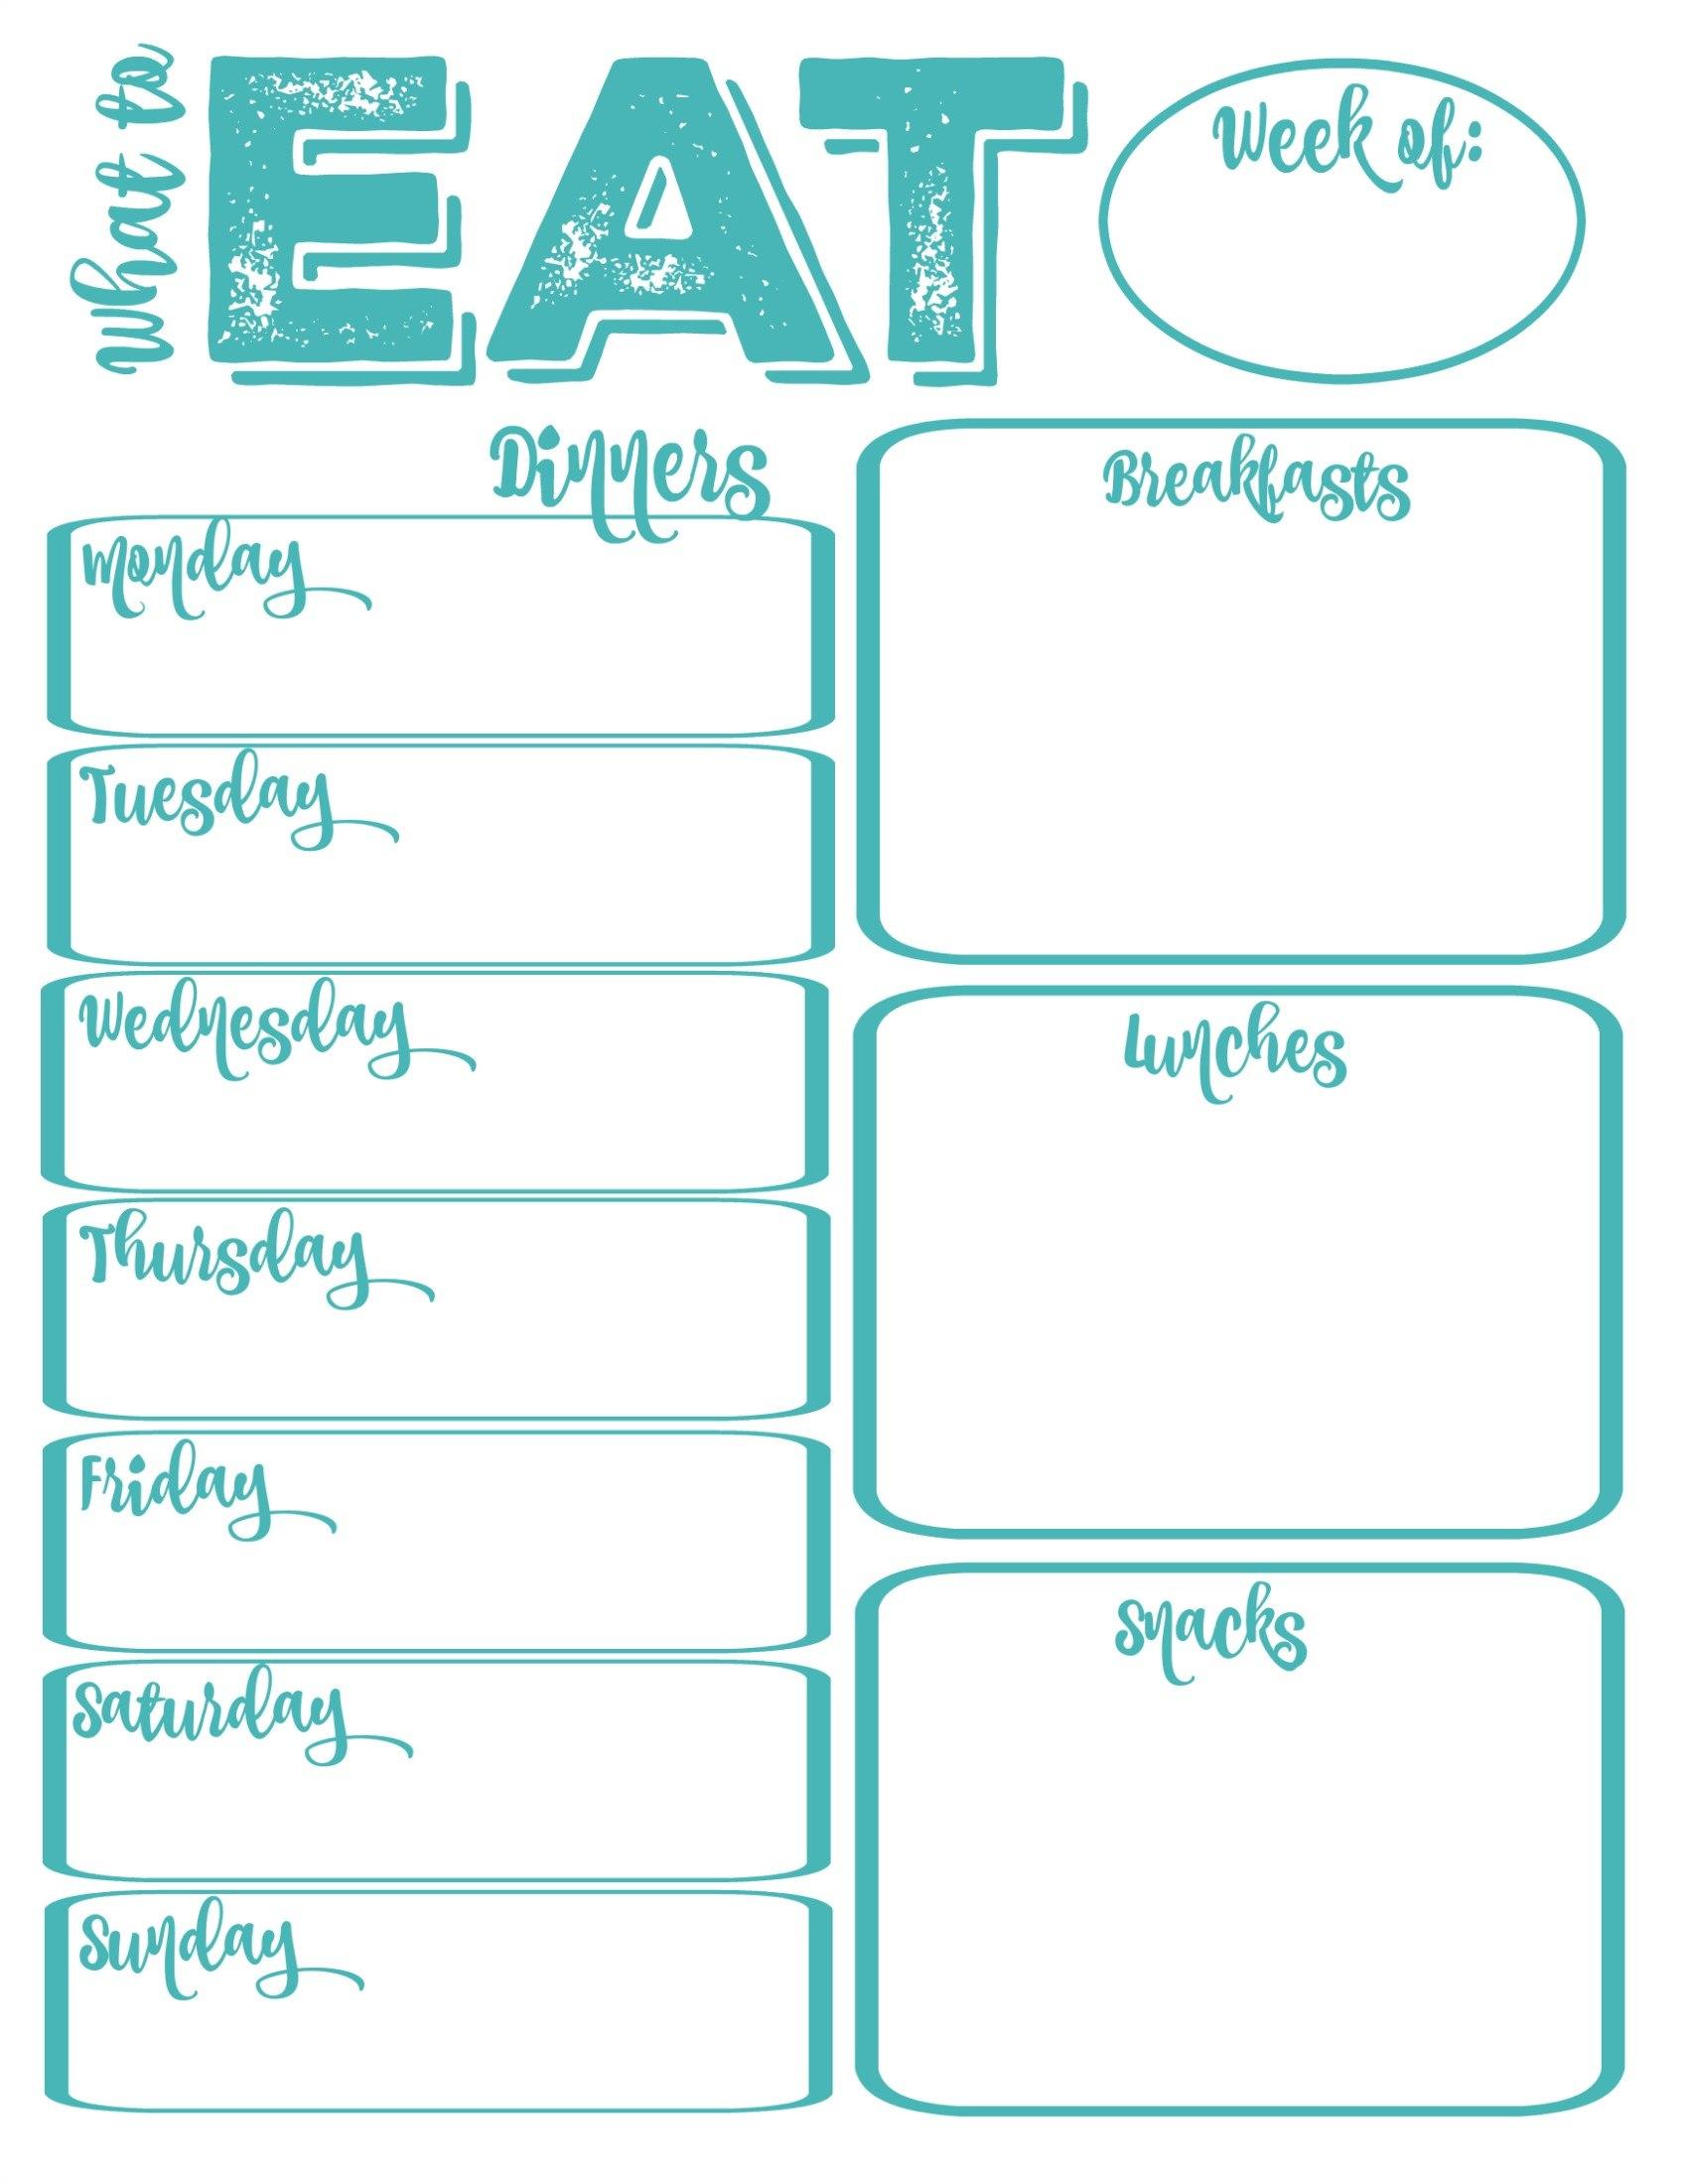 Free Menu Planner Template Pantry Makeover Printable Weekly Meal With Regard To Weekly Dinner Menu Template